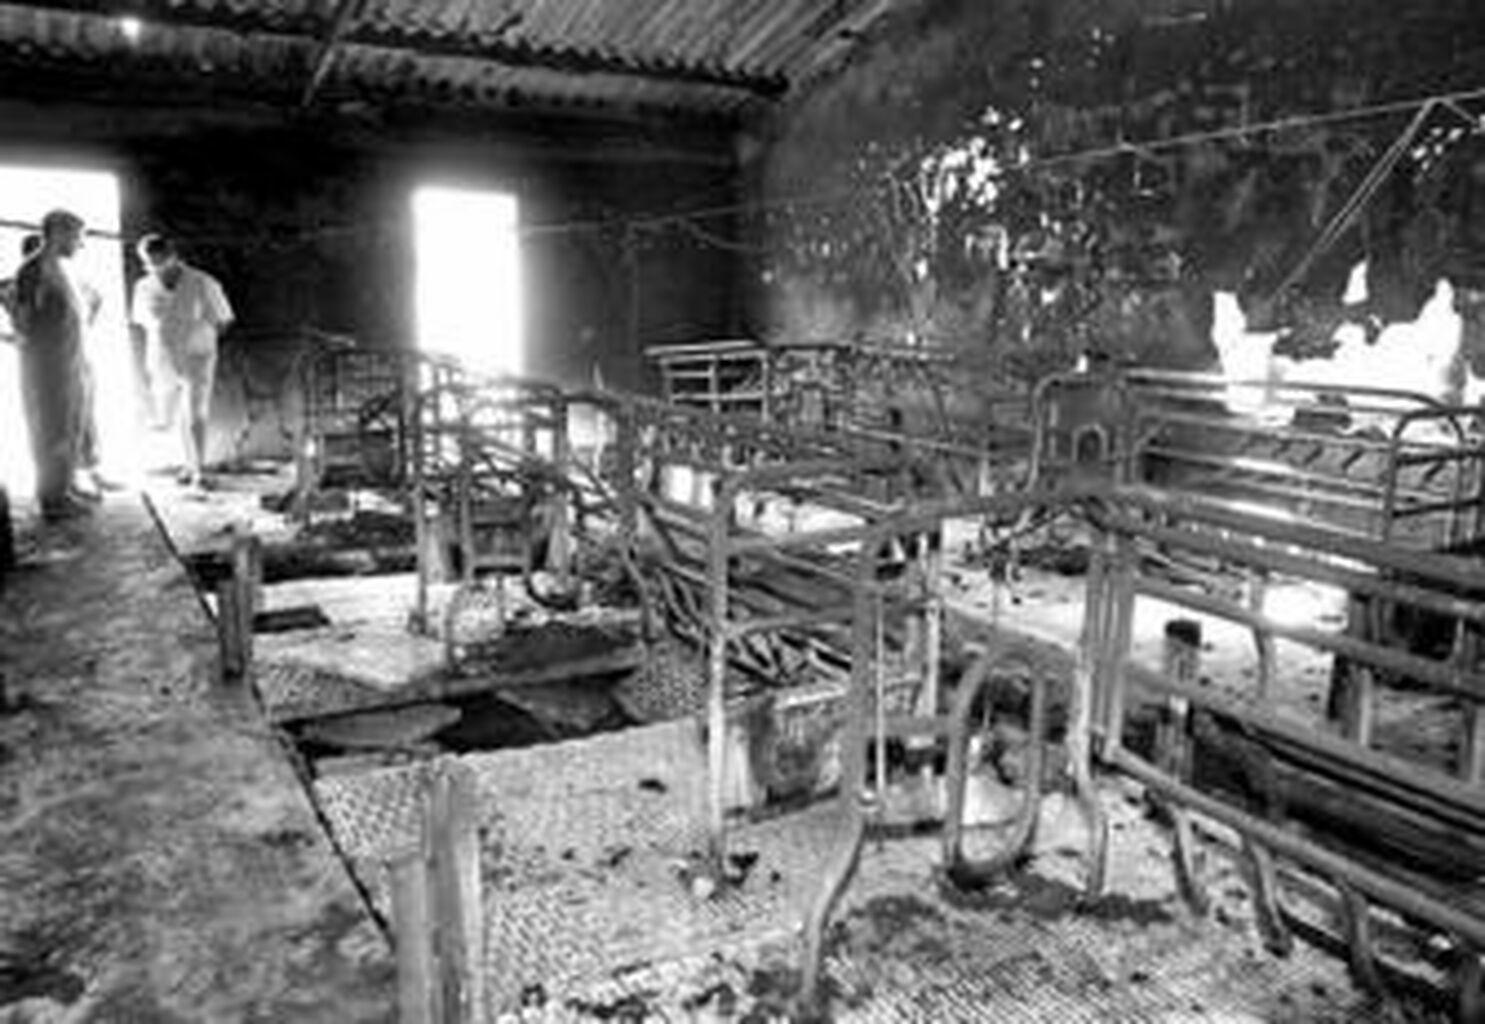 Un incendio en una granja de Chiclana acaba con más de un centenar de cerdos 1929fd482c4d7